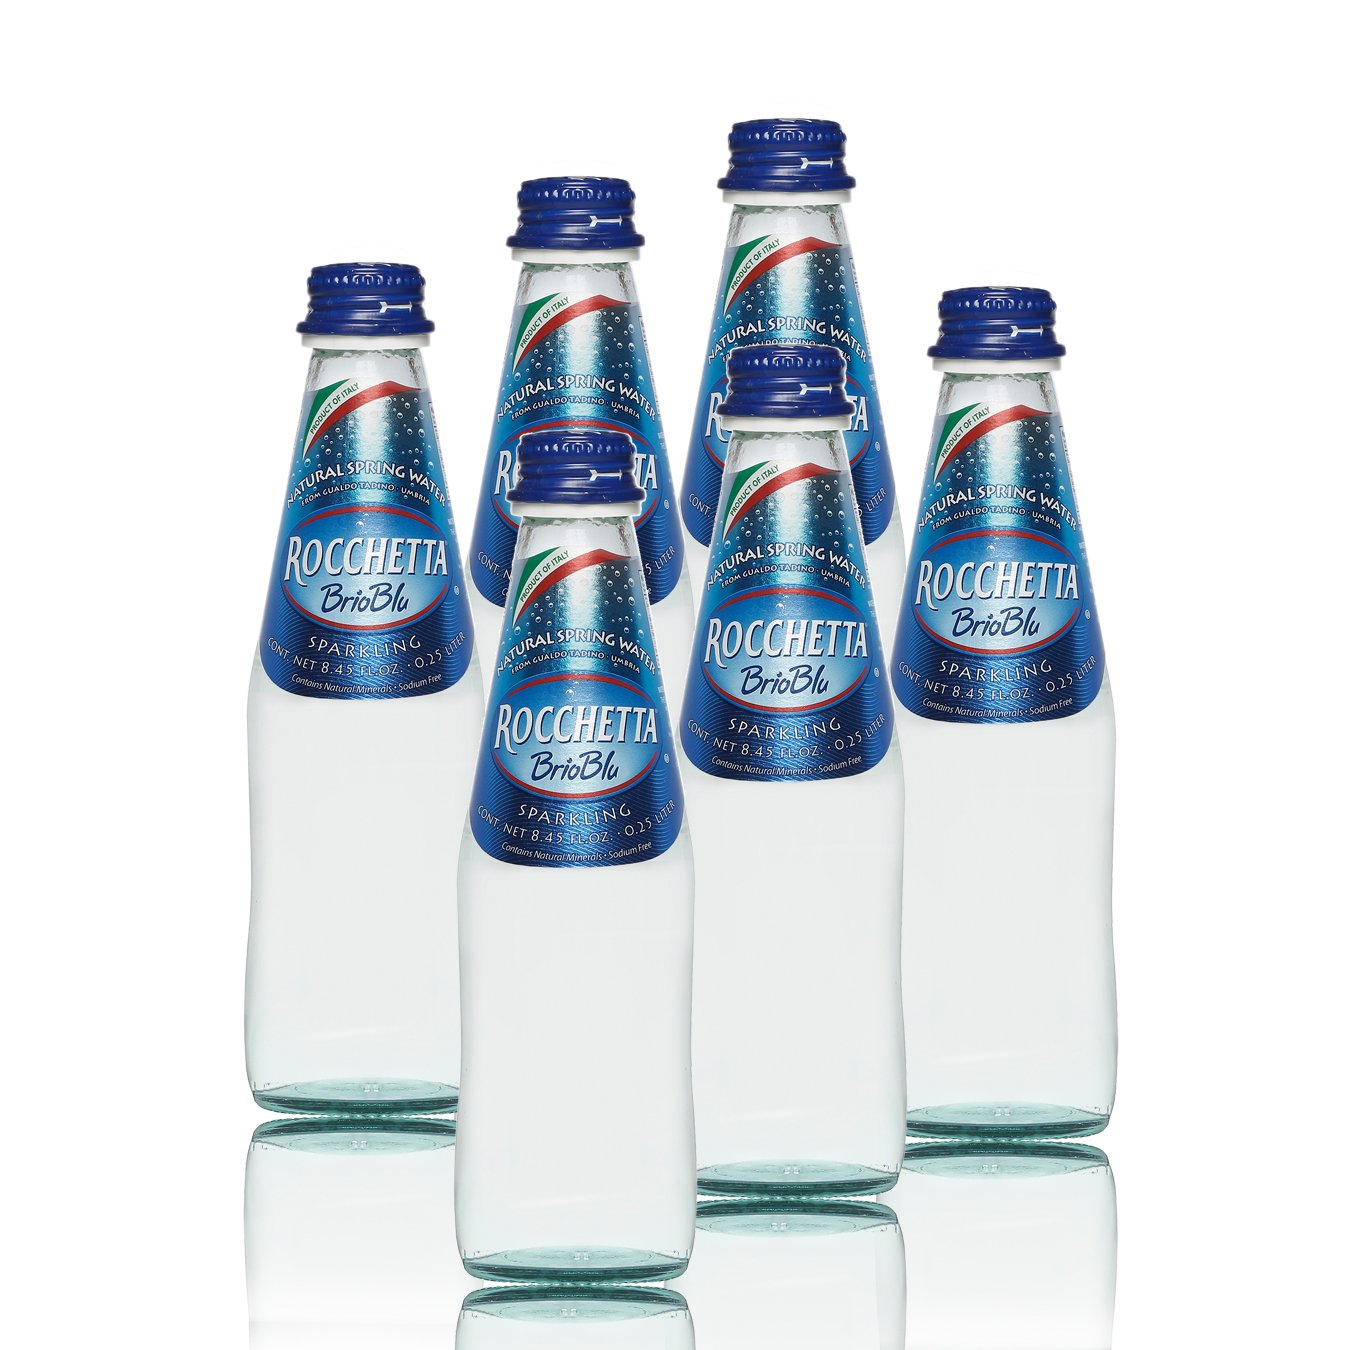 天然 矿泉水 (含气)250毫升 * 6/箱 (意大利 进口矿泉水 玻璃瓶)